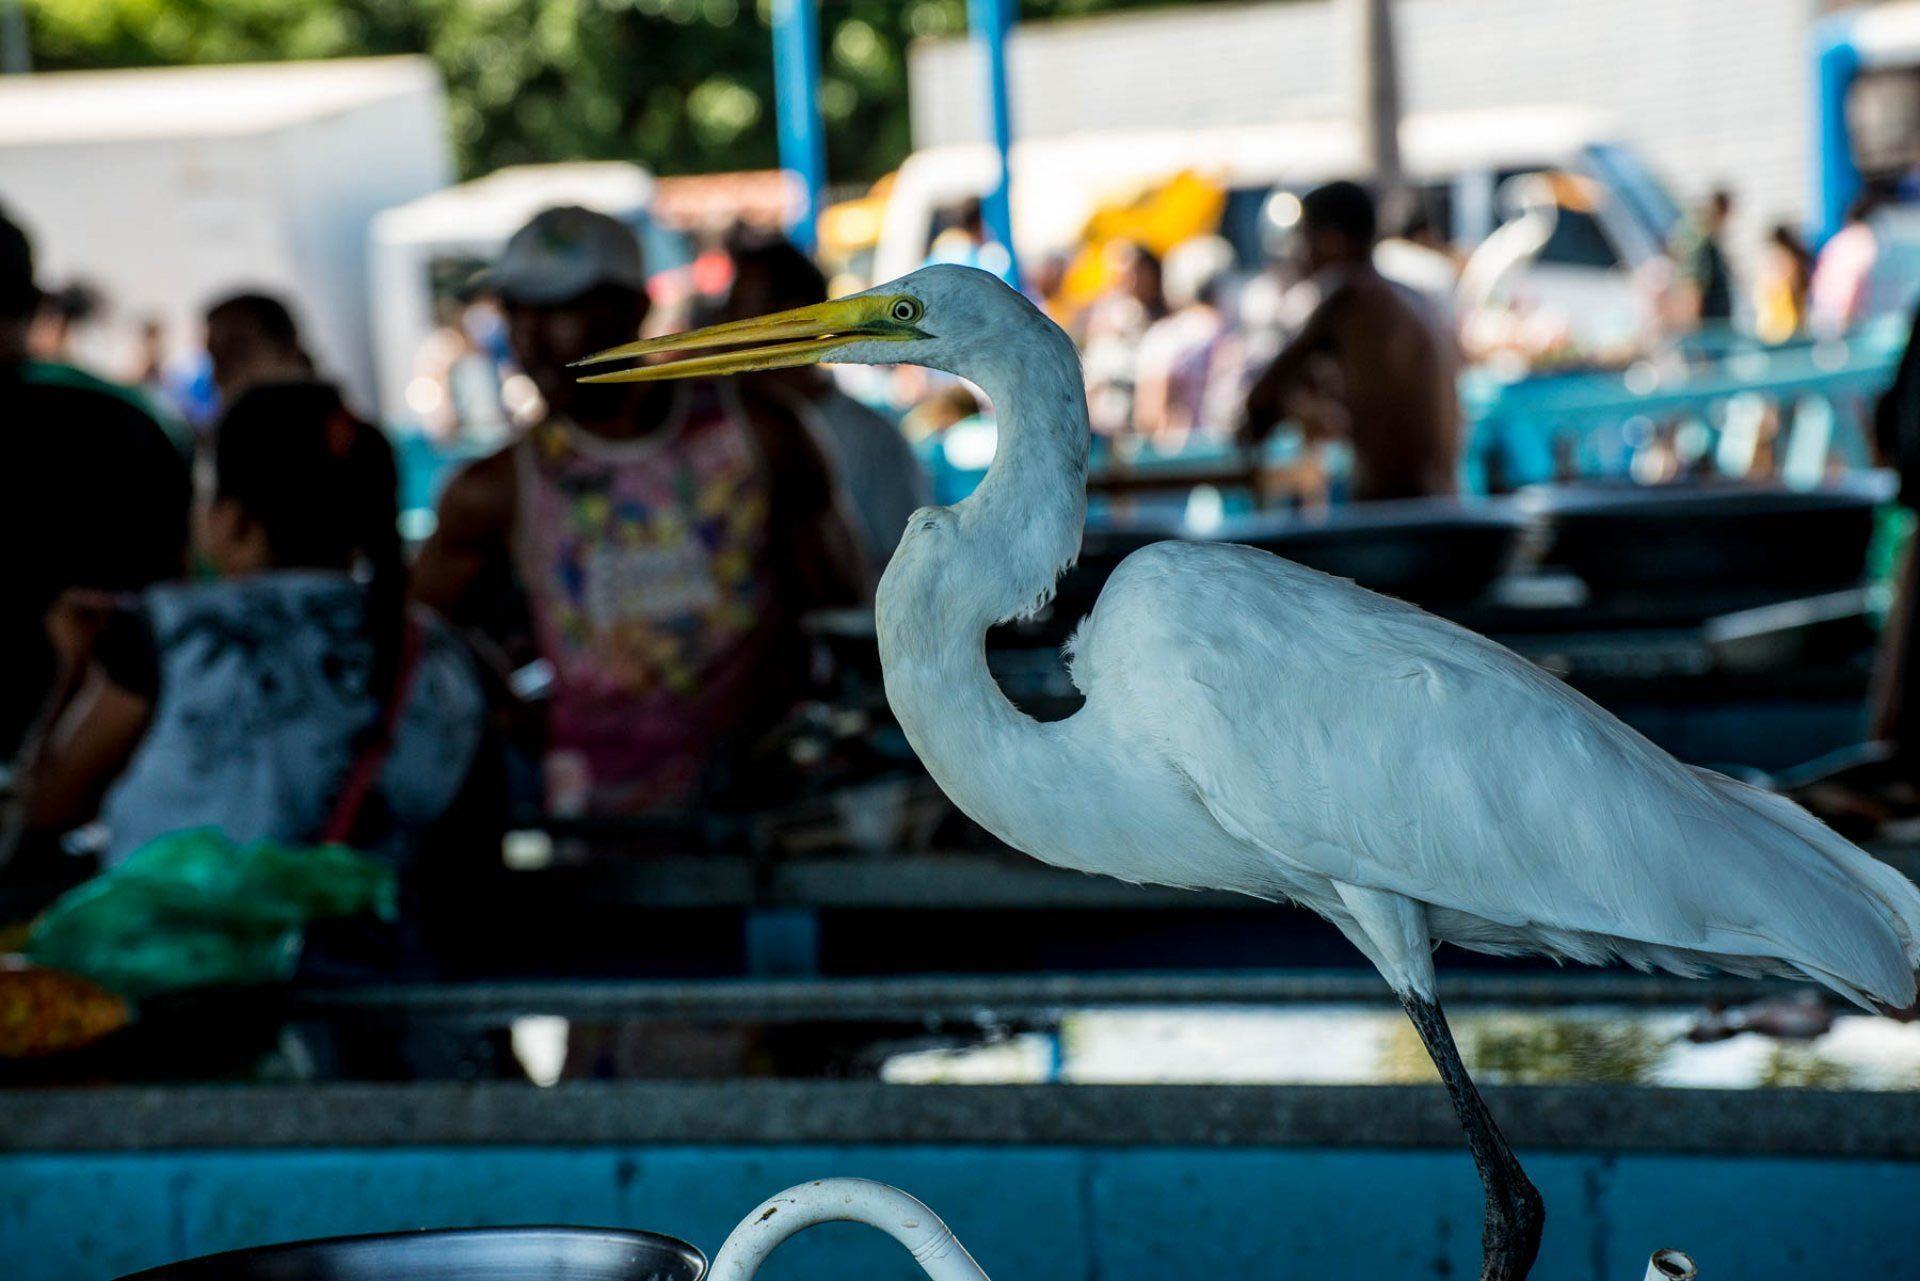 Mercado de peixe em Santarém